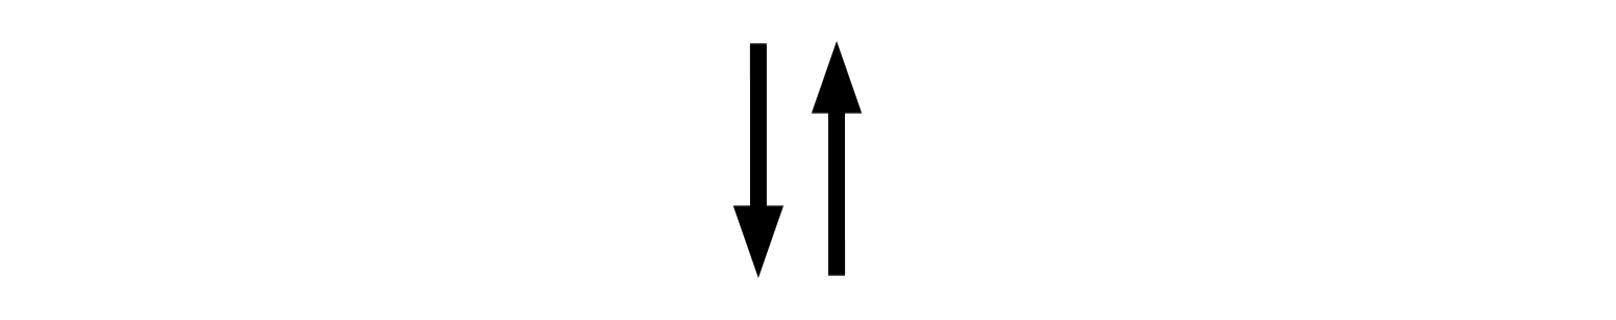 Tapeten-gestuerzt-quer-kleben